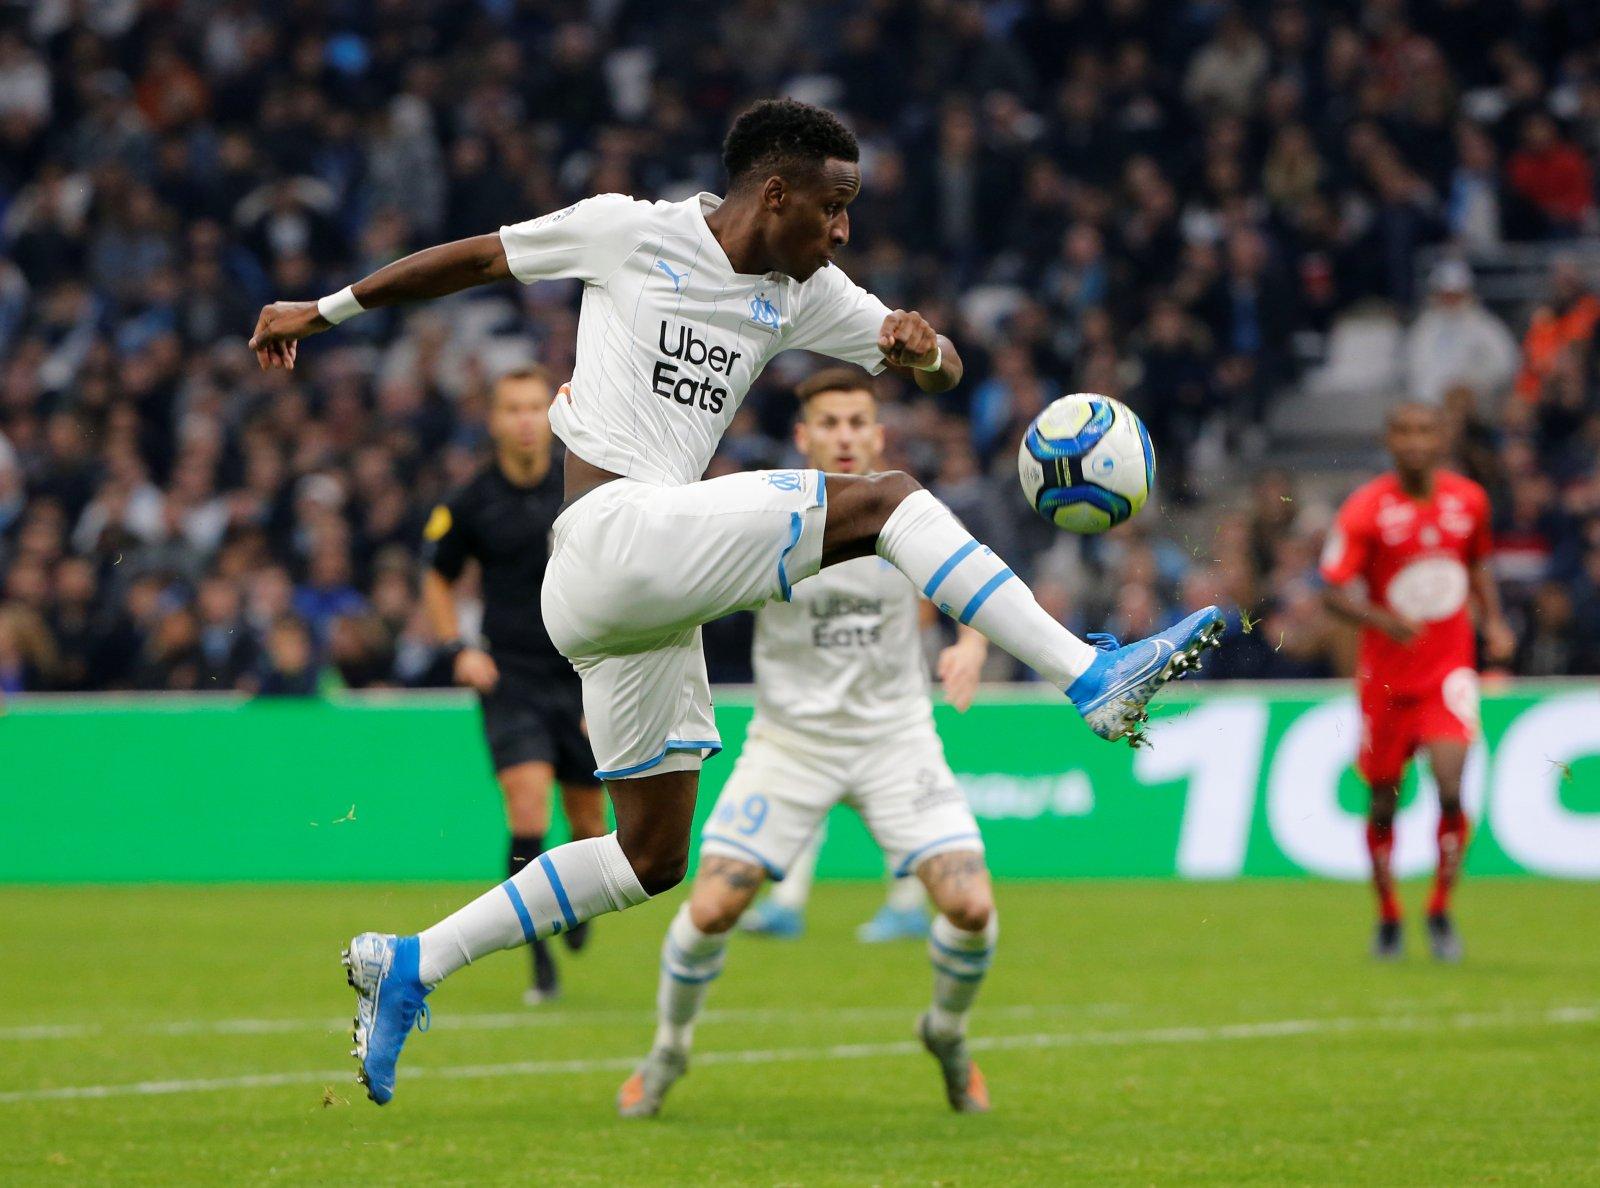 Προγνωστικά στοιχήματος: Μαρσέιγ με 2.10, γκολ σε Σουηδία και Βέλγιο